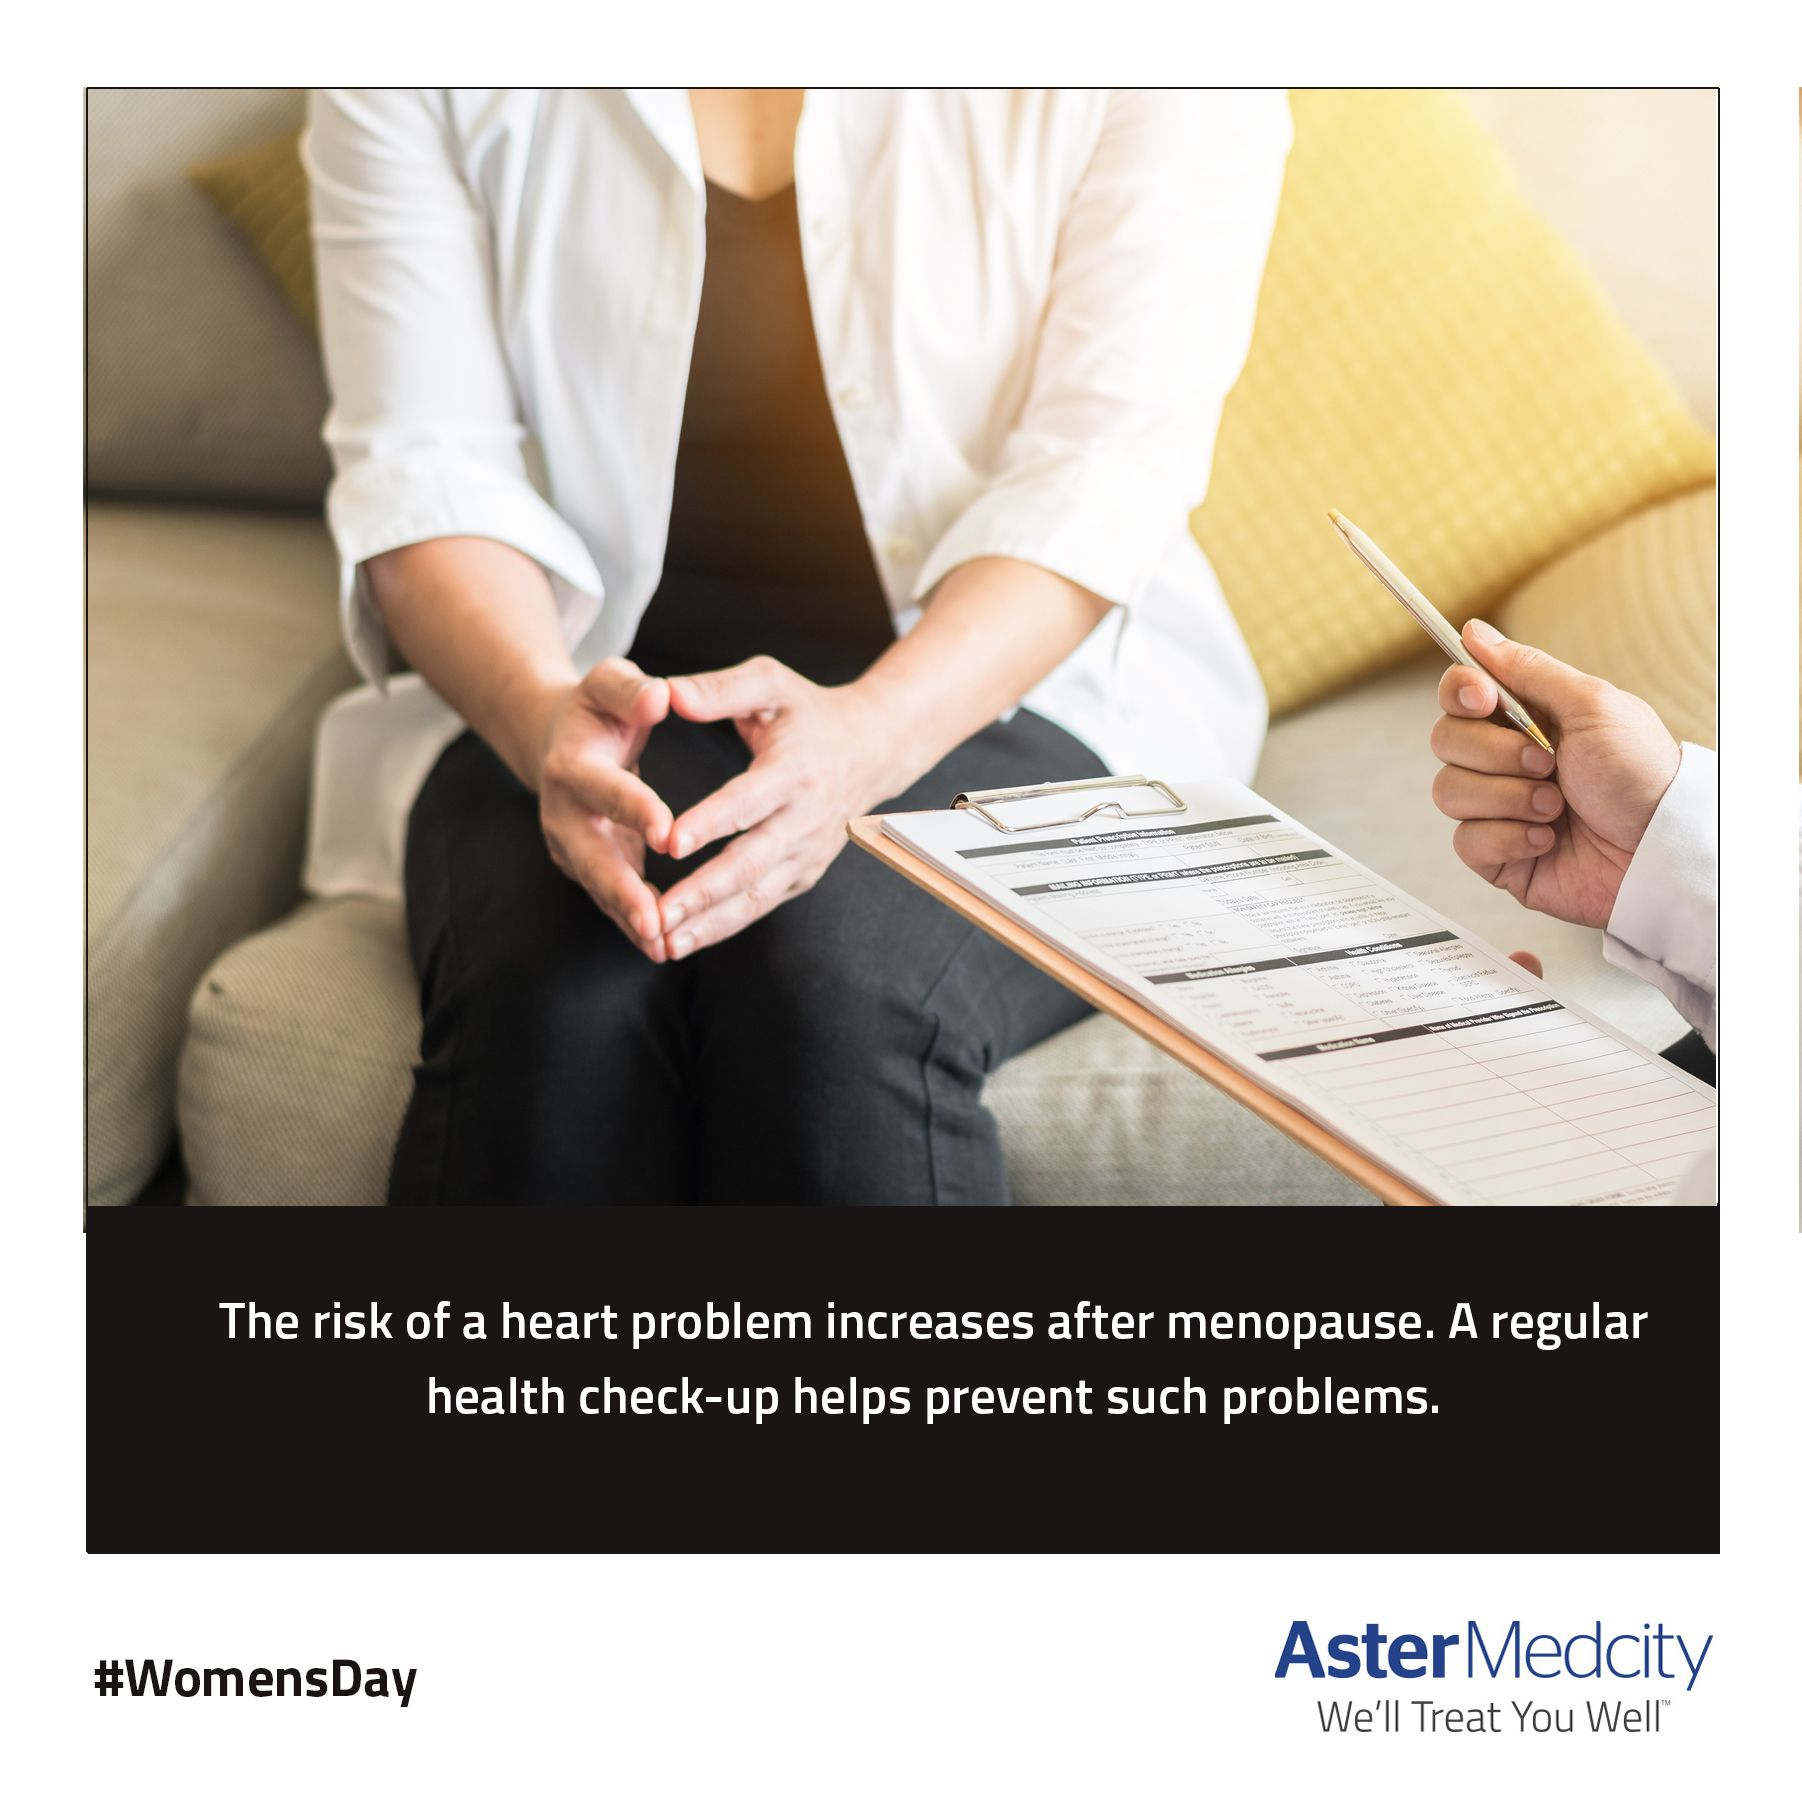 Shematters Womensdayweek Internationalwomensday Womenshealth